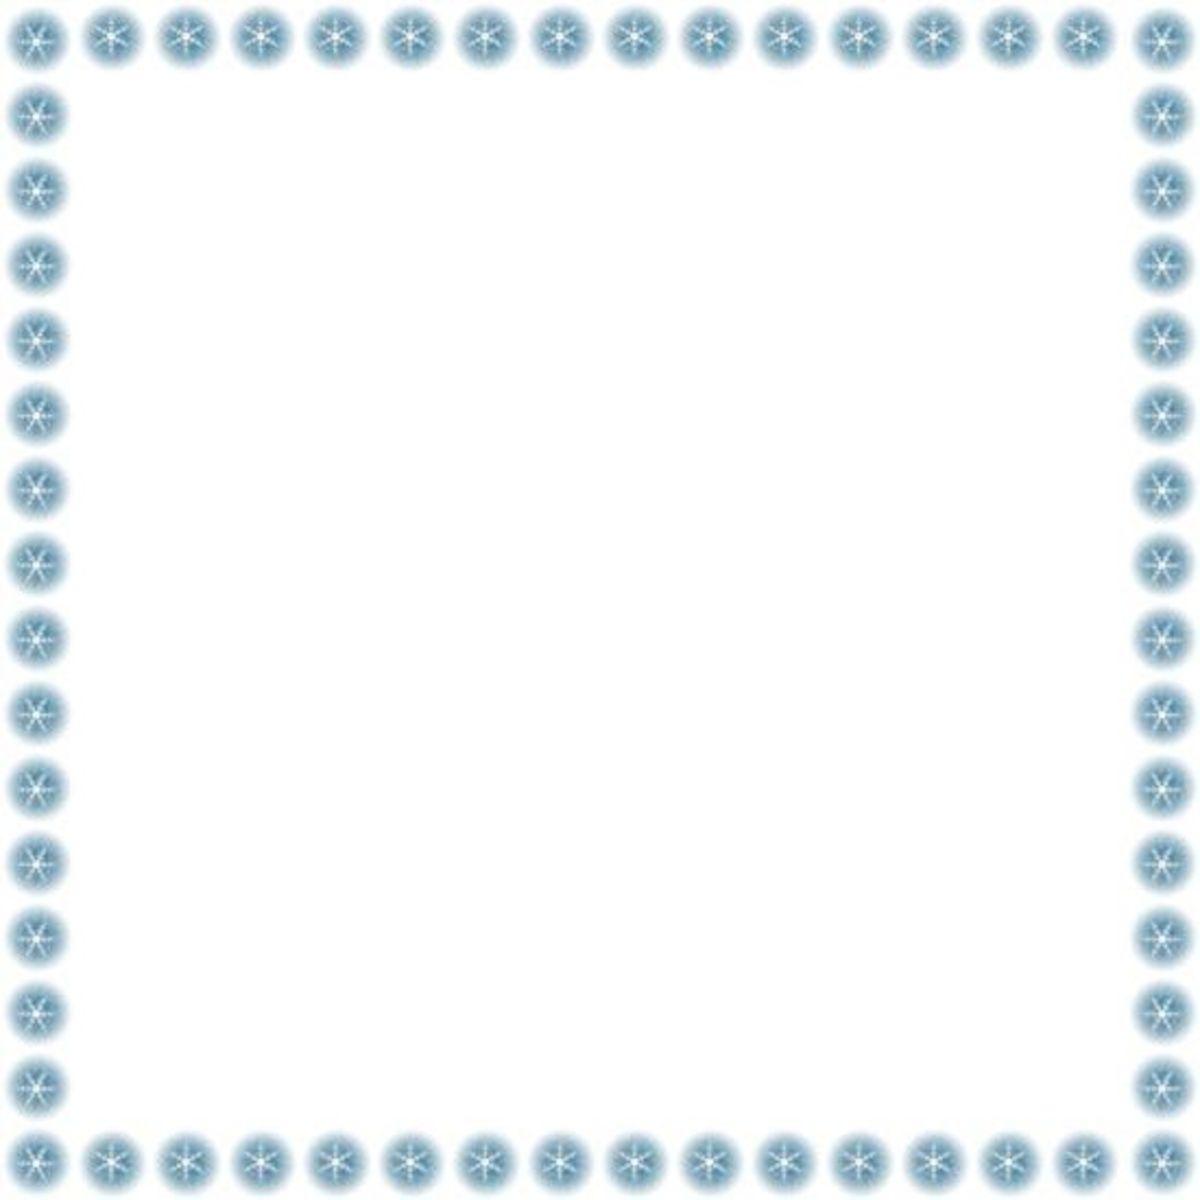 Snowflakes Clip Art Frame Free